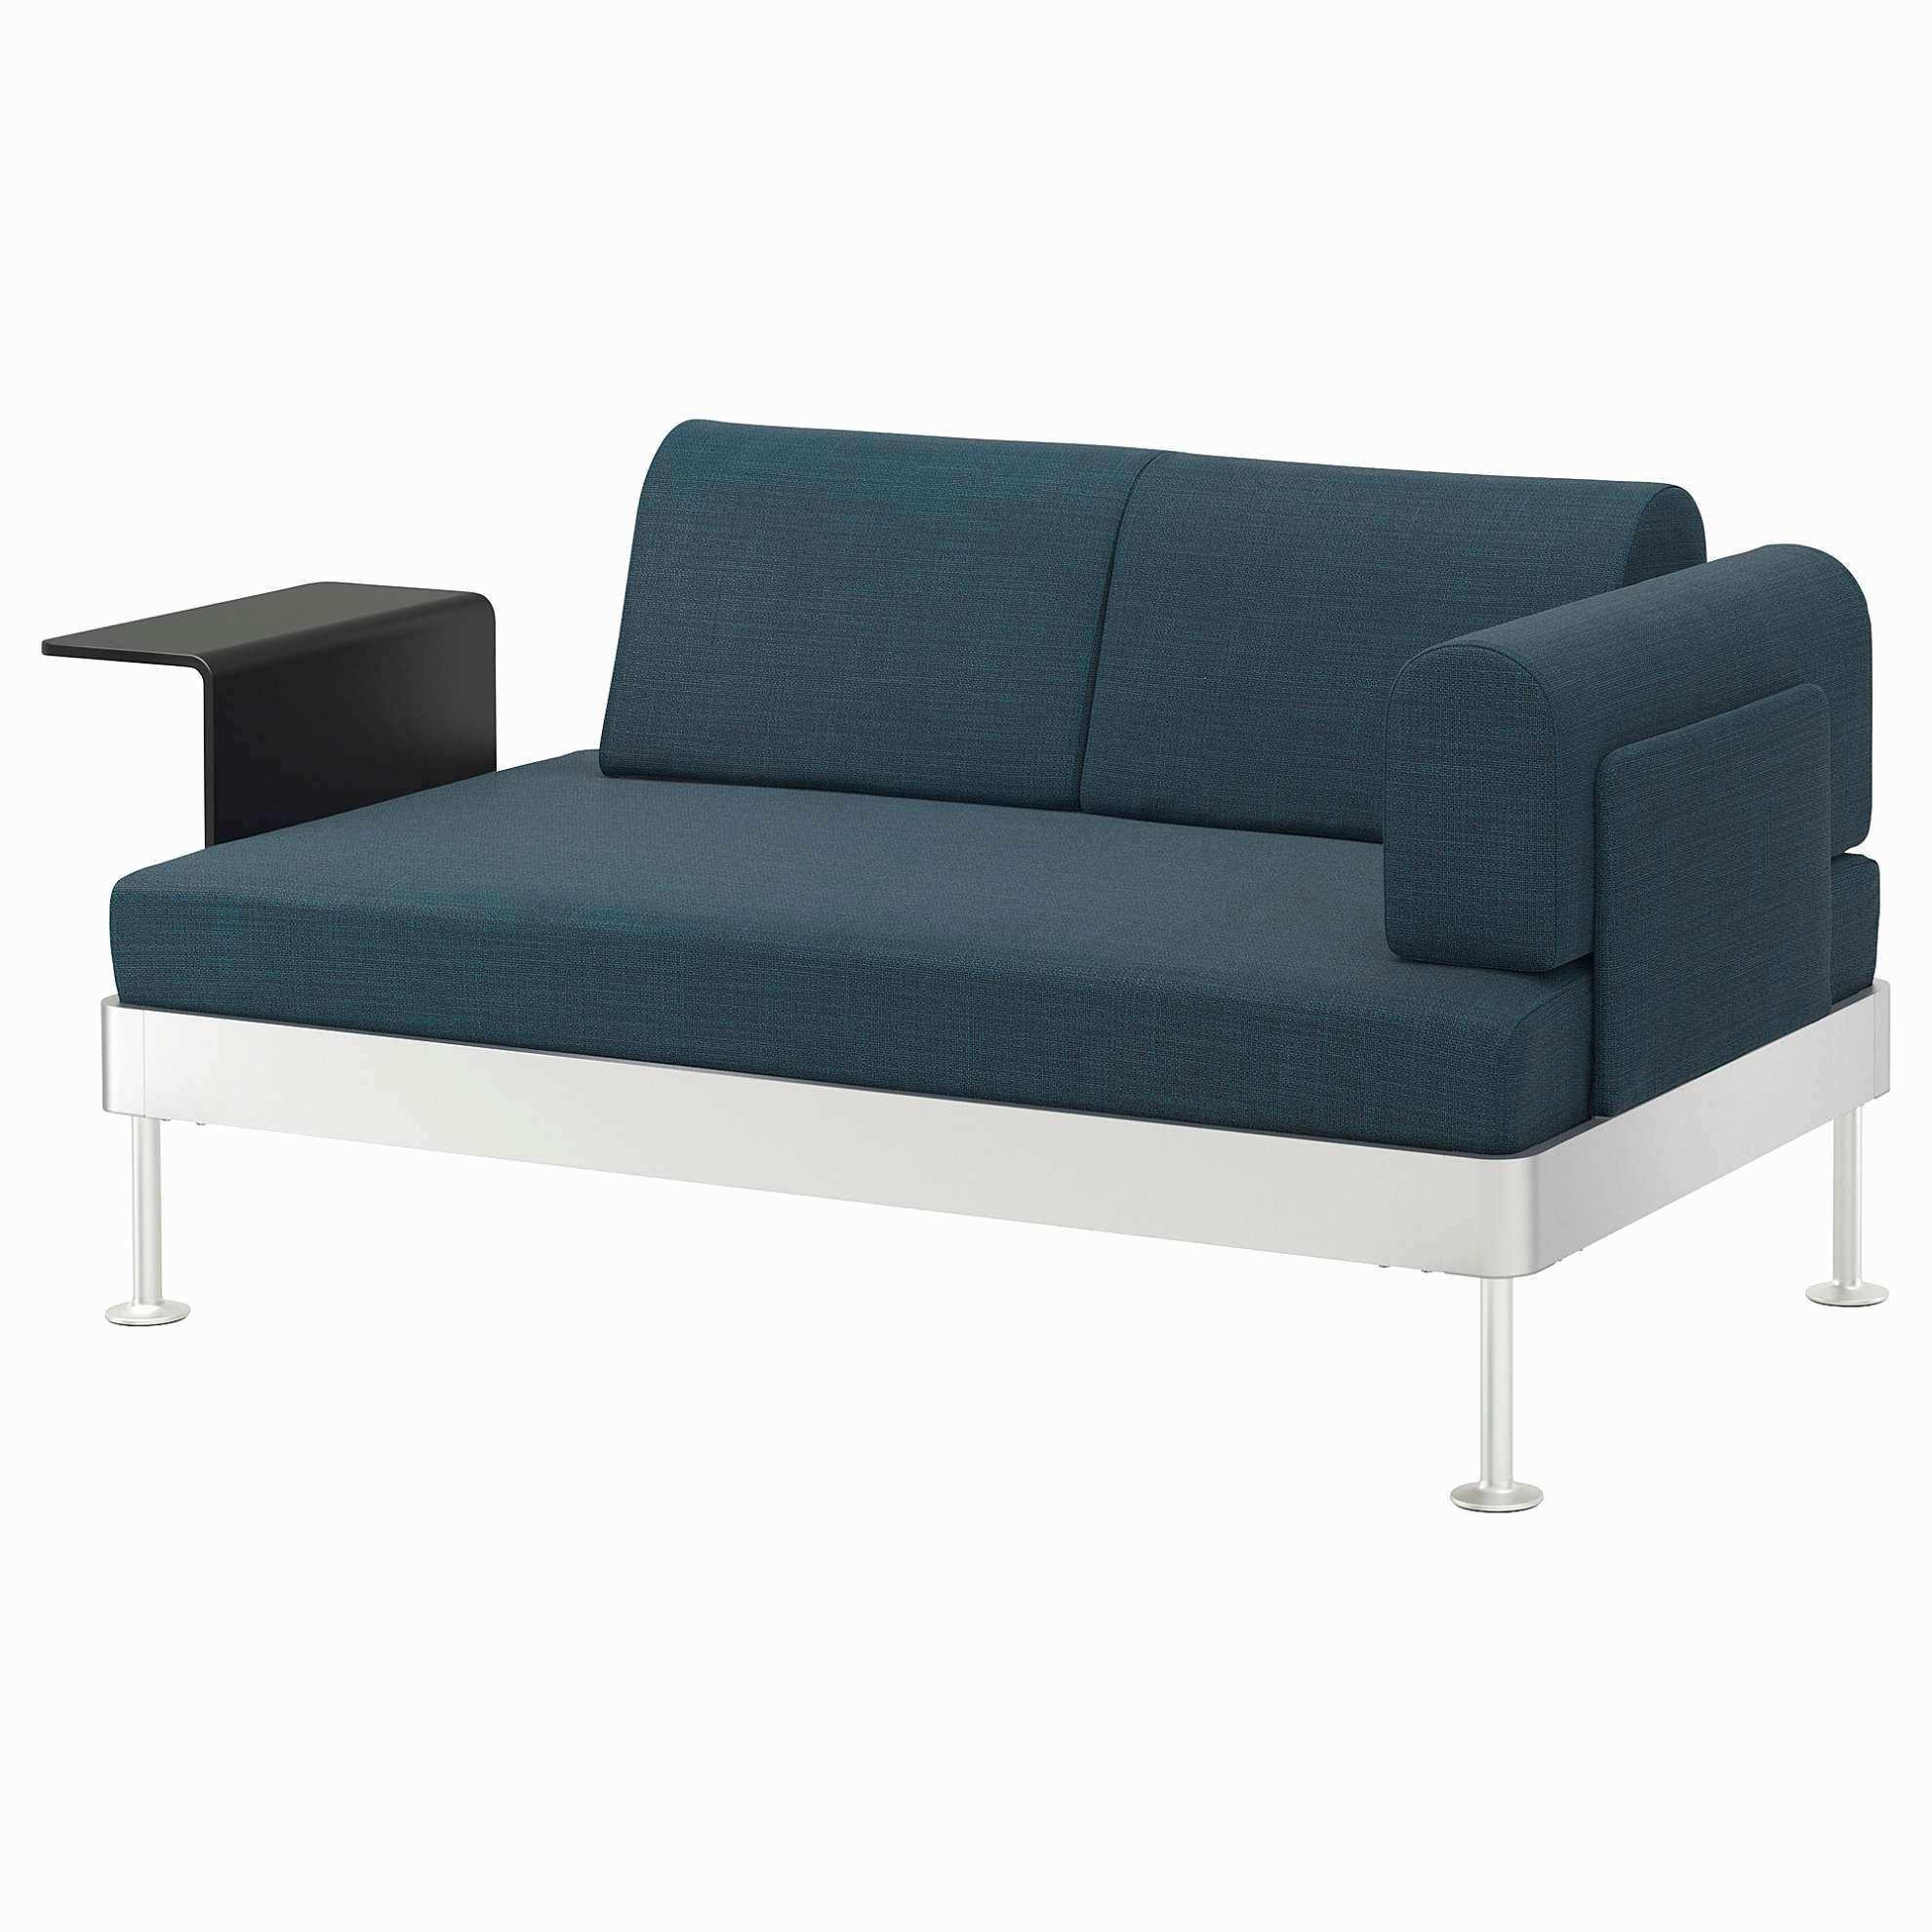 Full Size of Günstig Sofa Kaufen Blau Regale Mit Abnehmbaren Bezug 3er L Form Amerikanische Küche Copperfield Machalke Betten W Schillig Billig Günstige Sofa Günstig Sofa Kaufen